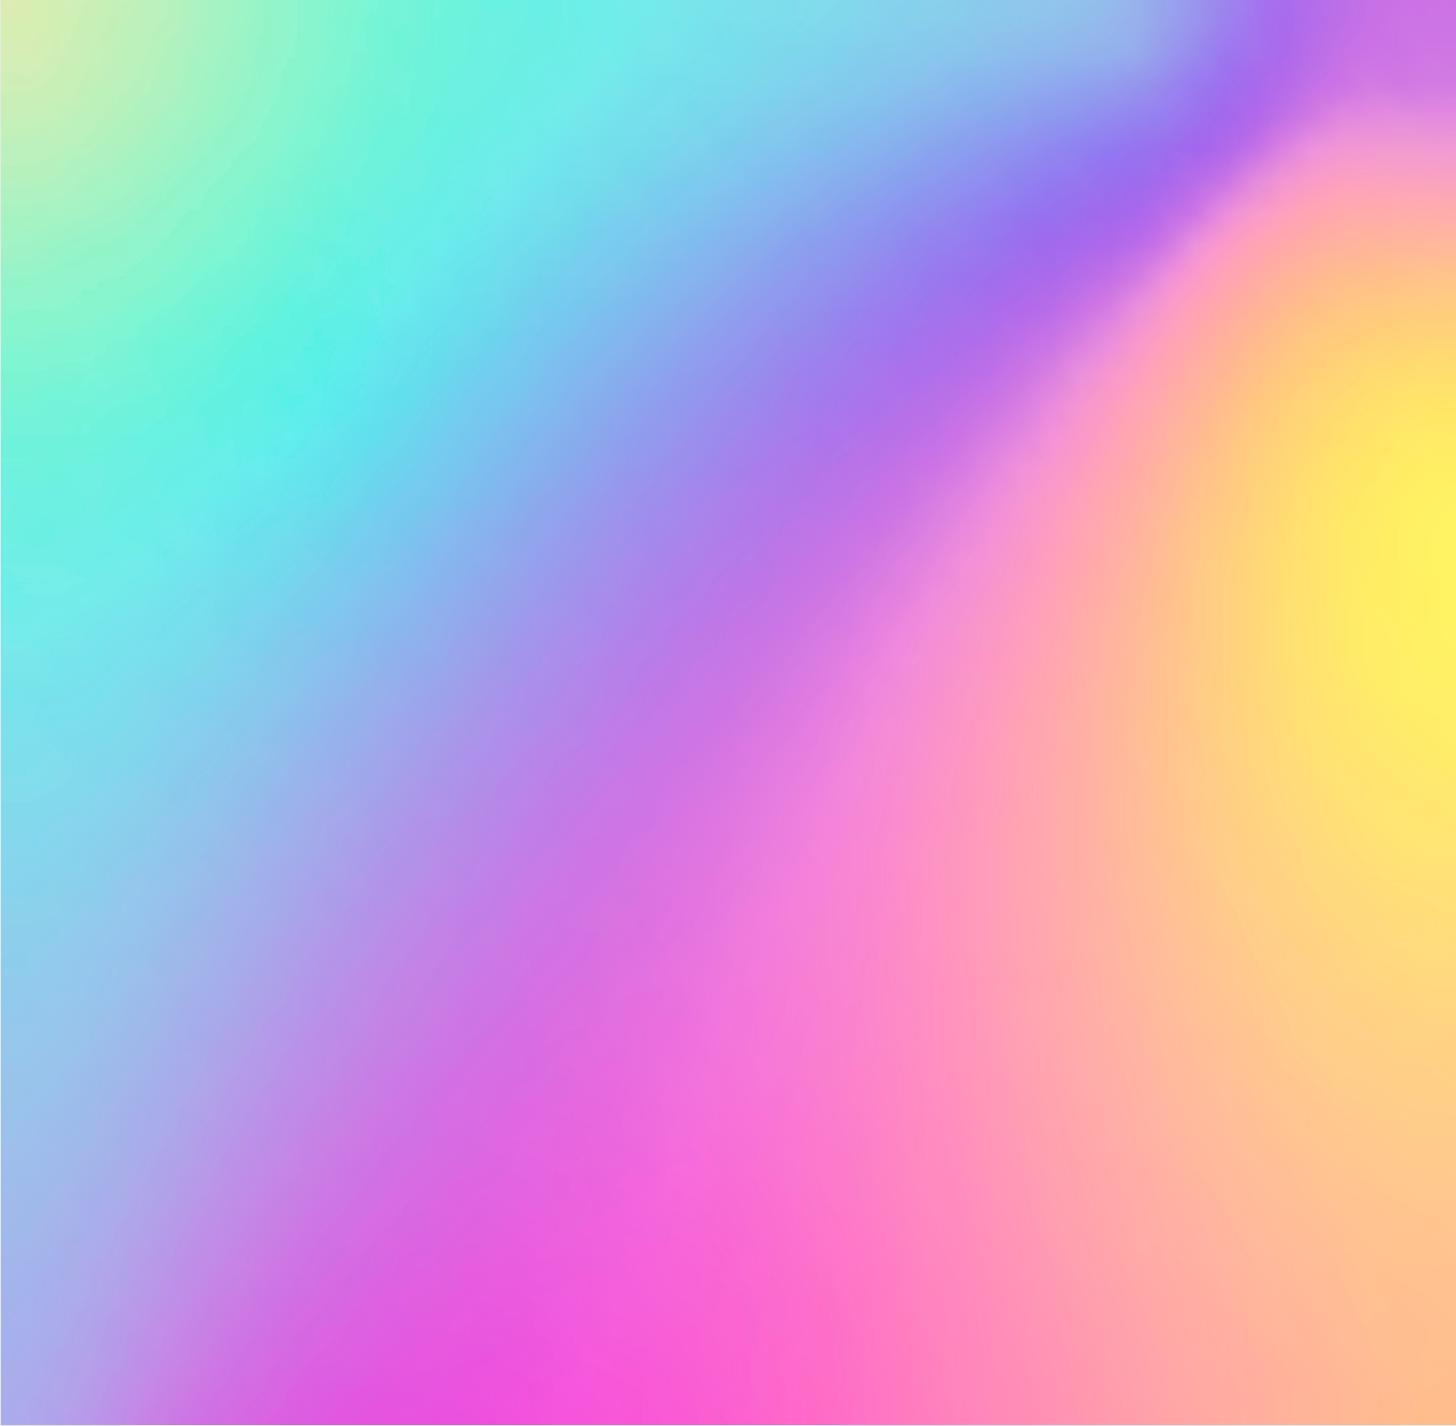 Screen Shot 2019-08-24 at 5.02.10 PM.png